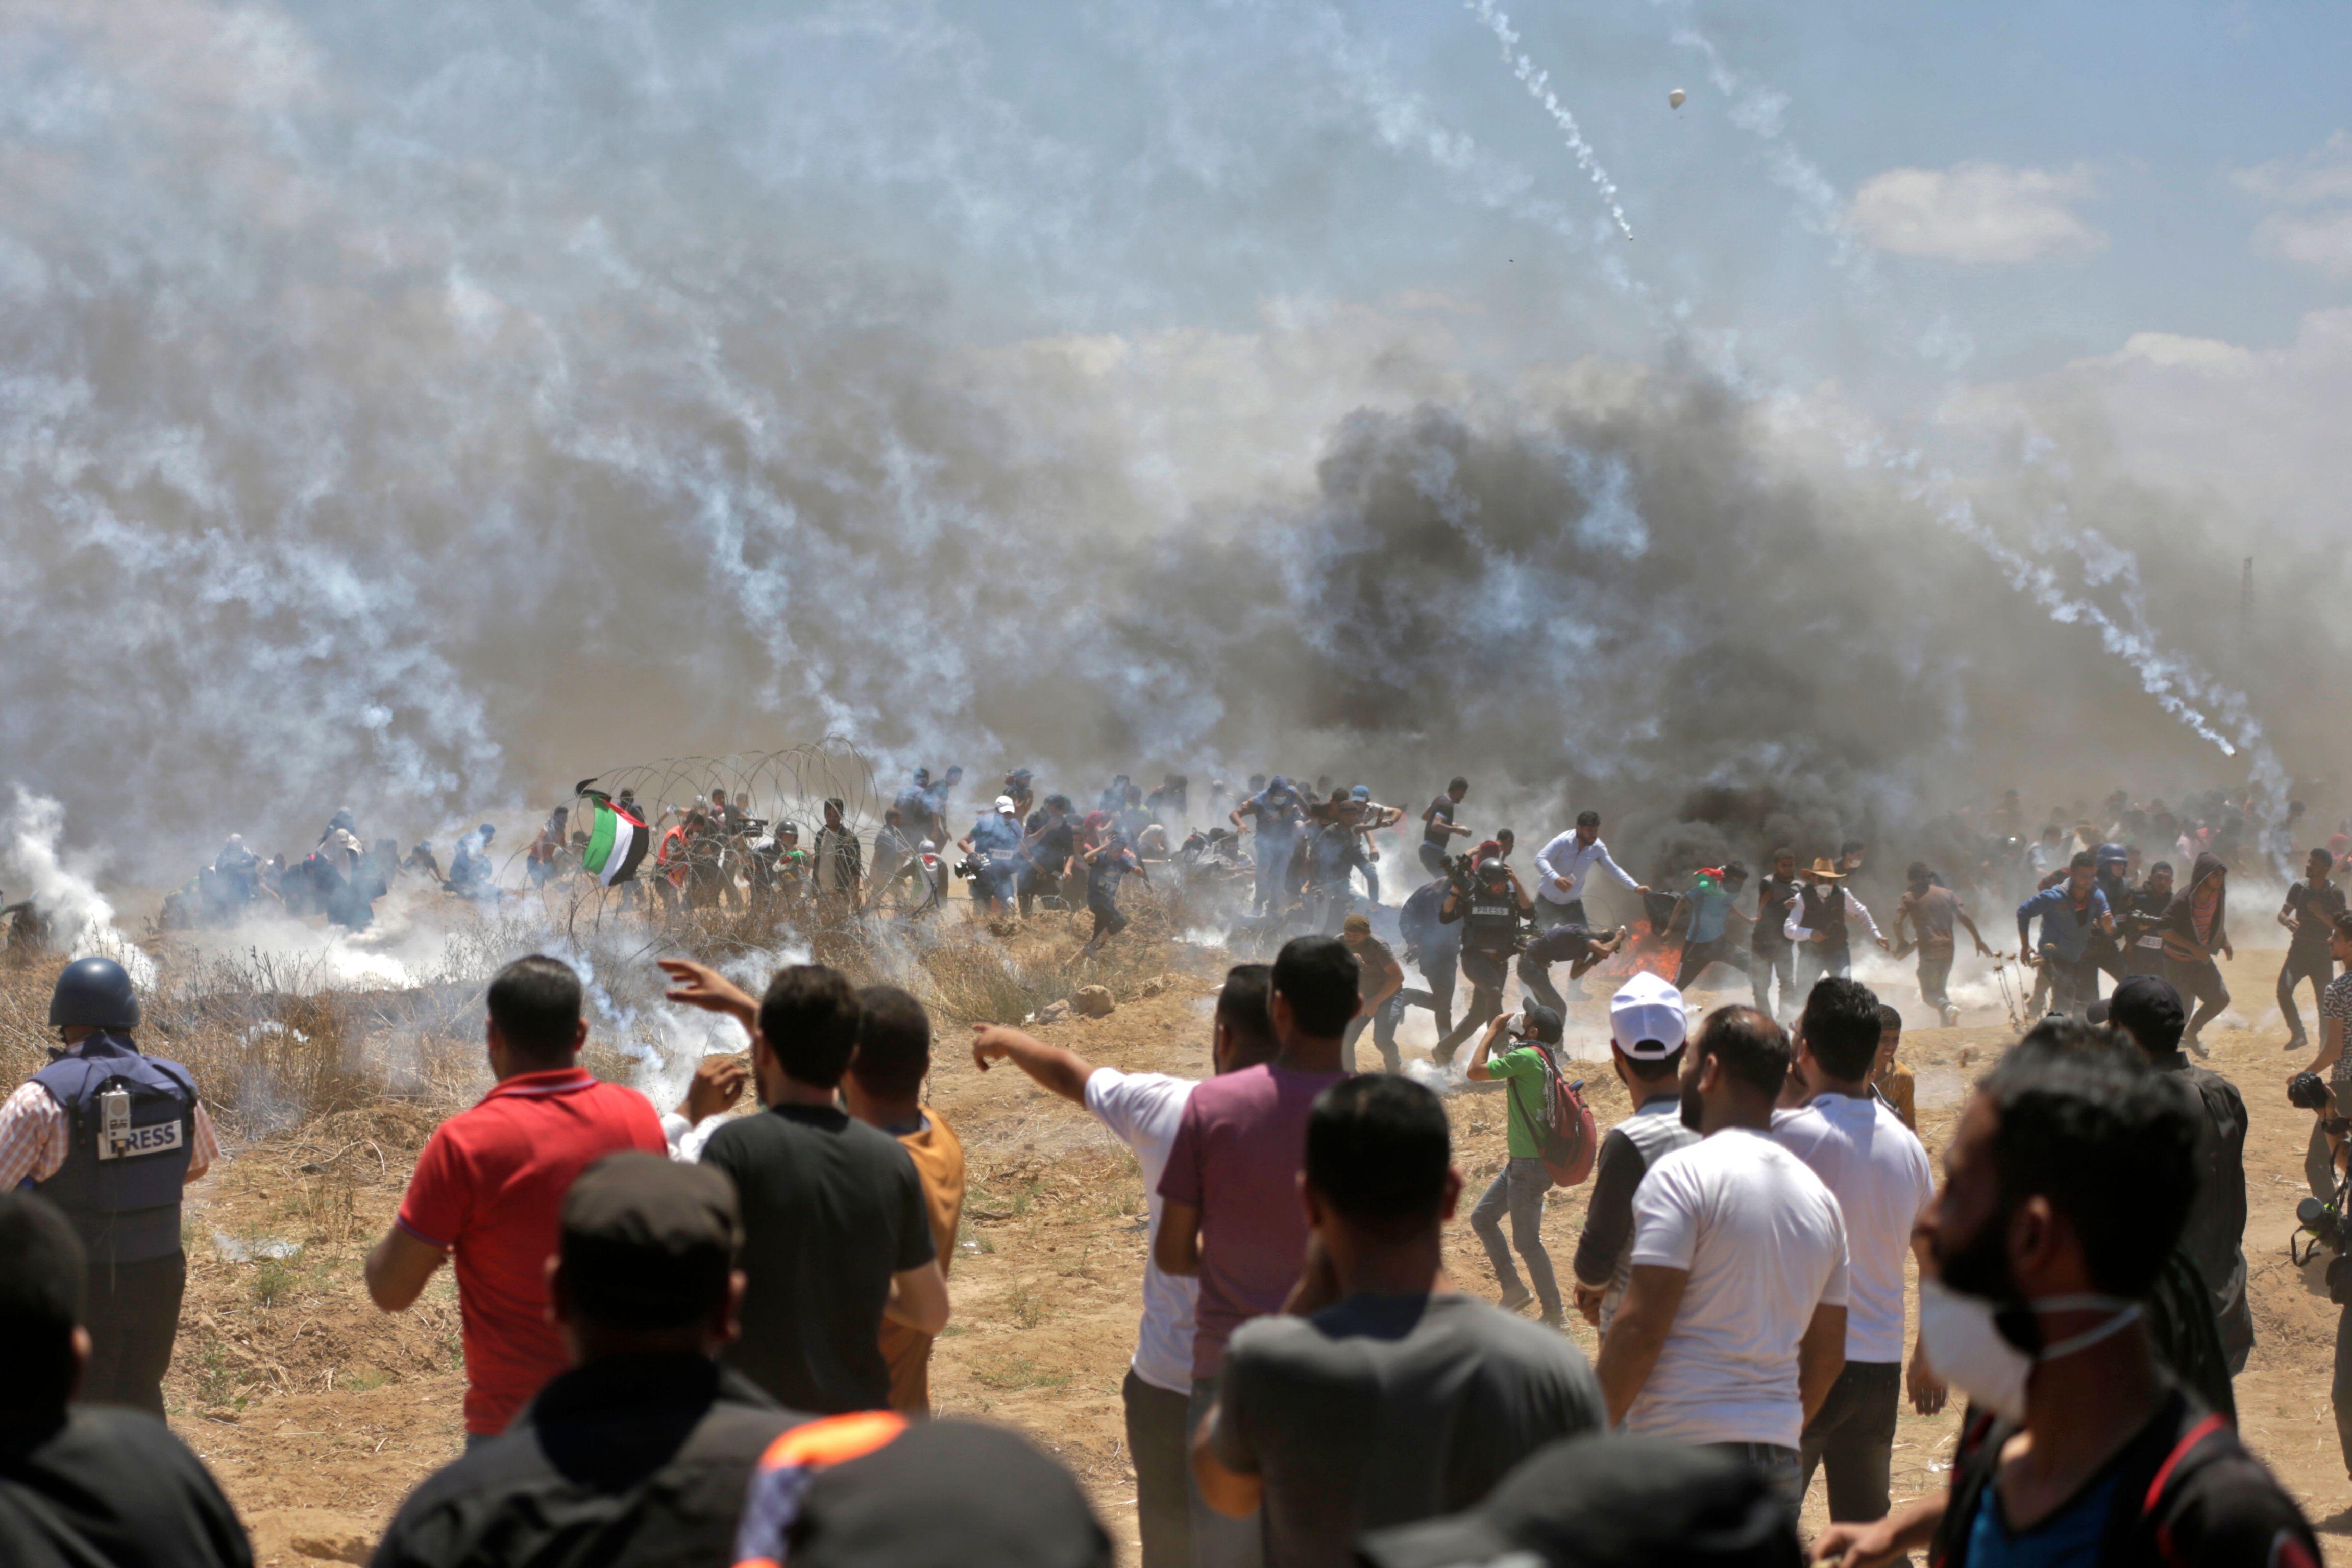 الفلسطينيون يواجهون رصاص الاحتلال بالحجارة